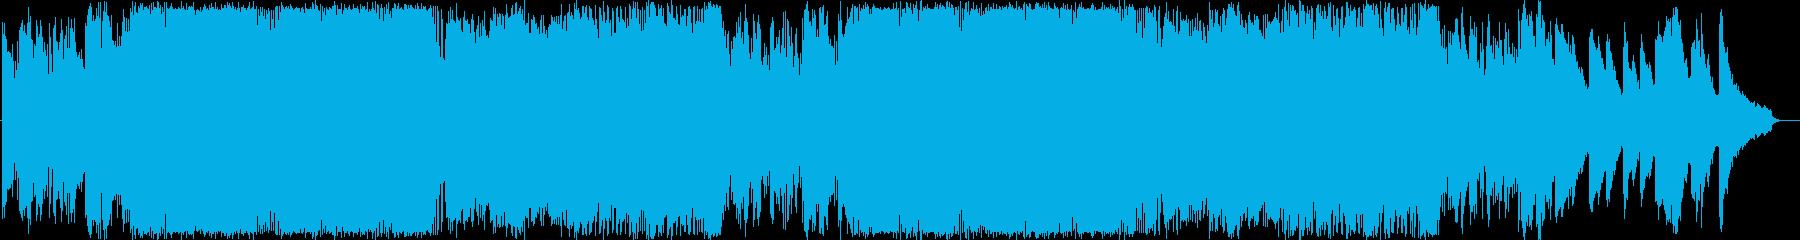 天昇る結晶のシンセの再生済みの波形